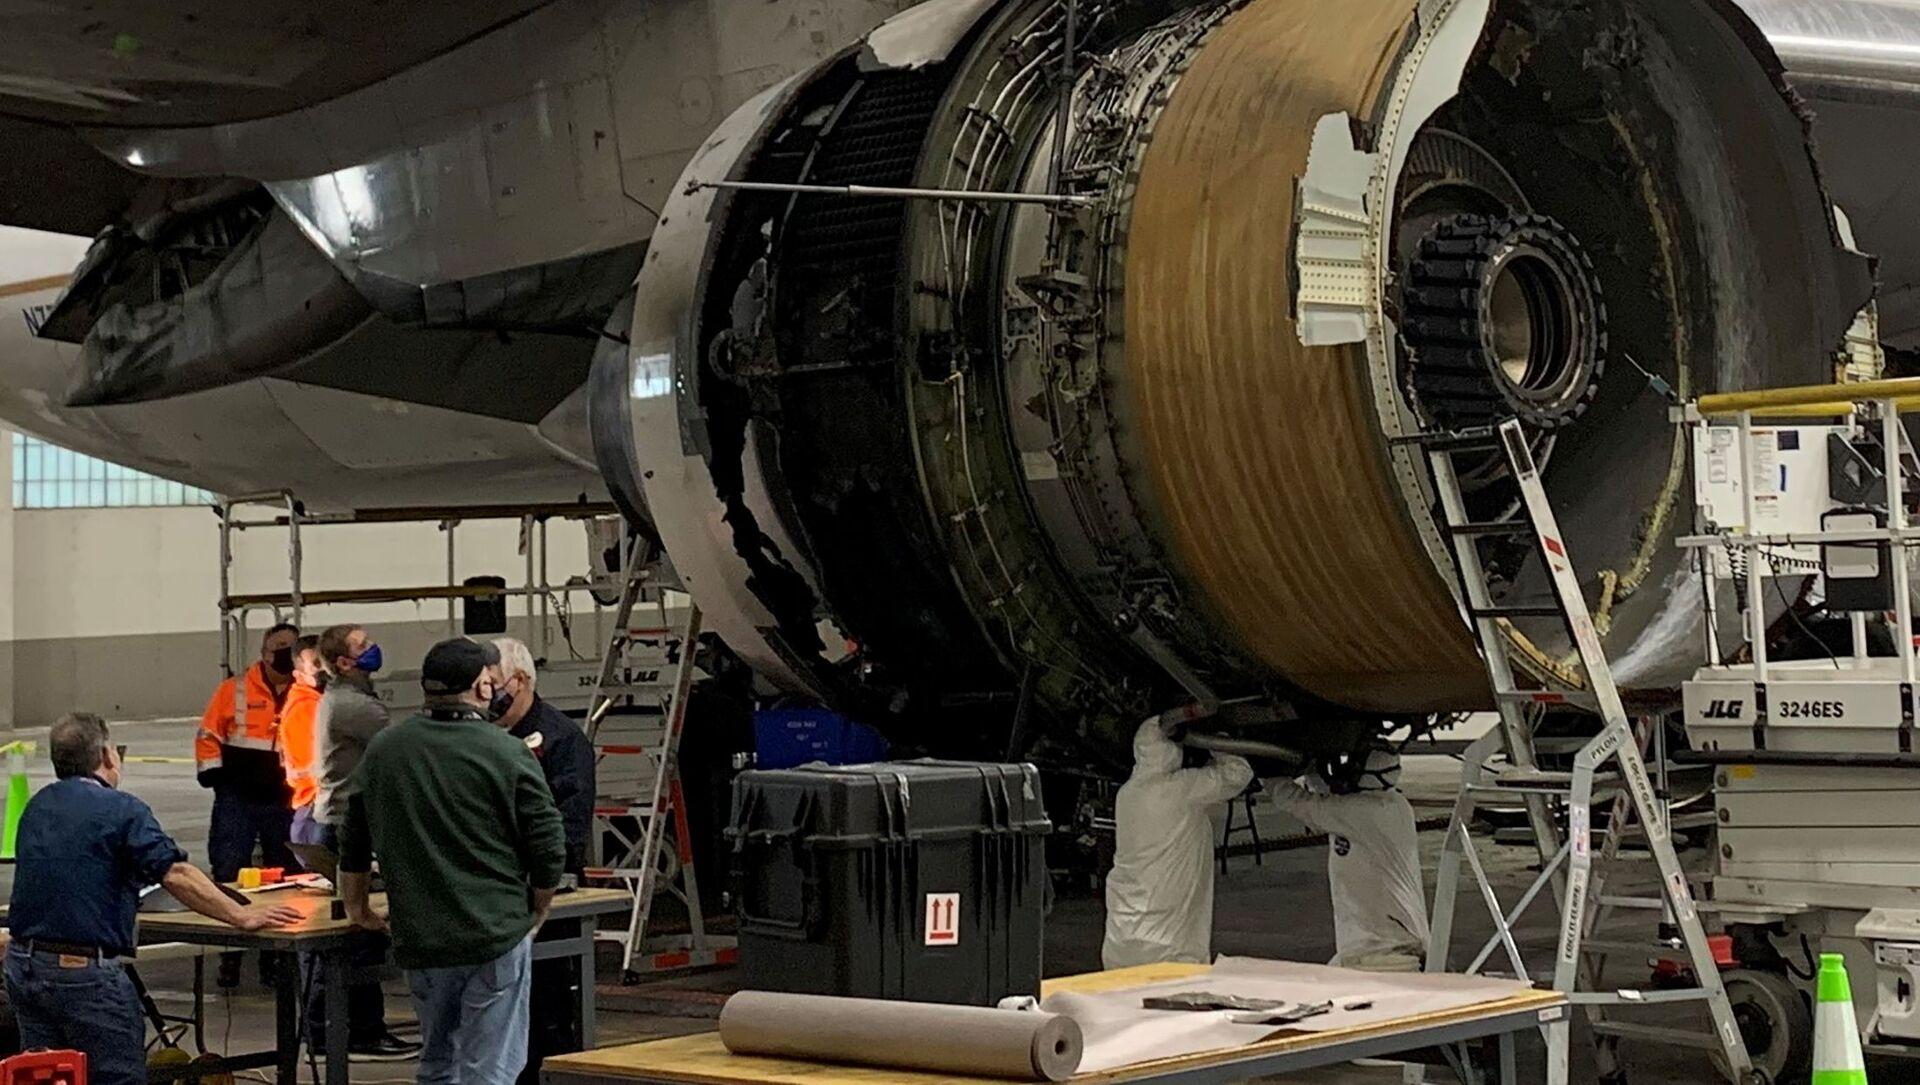 Poškozený pravý motor letadla United Airlines č. 328, Boeing 777-200 po incidentu s poruchou motoru z 20. února - Sputnik Česká republika, 1920, 24.02.2021